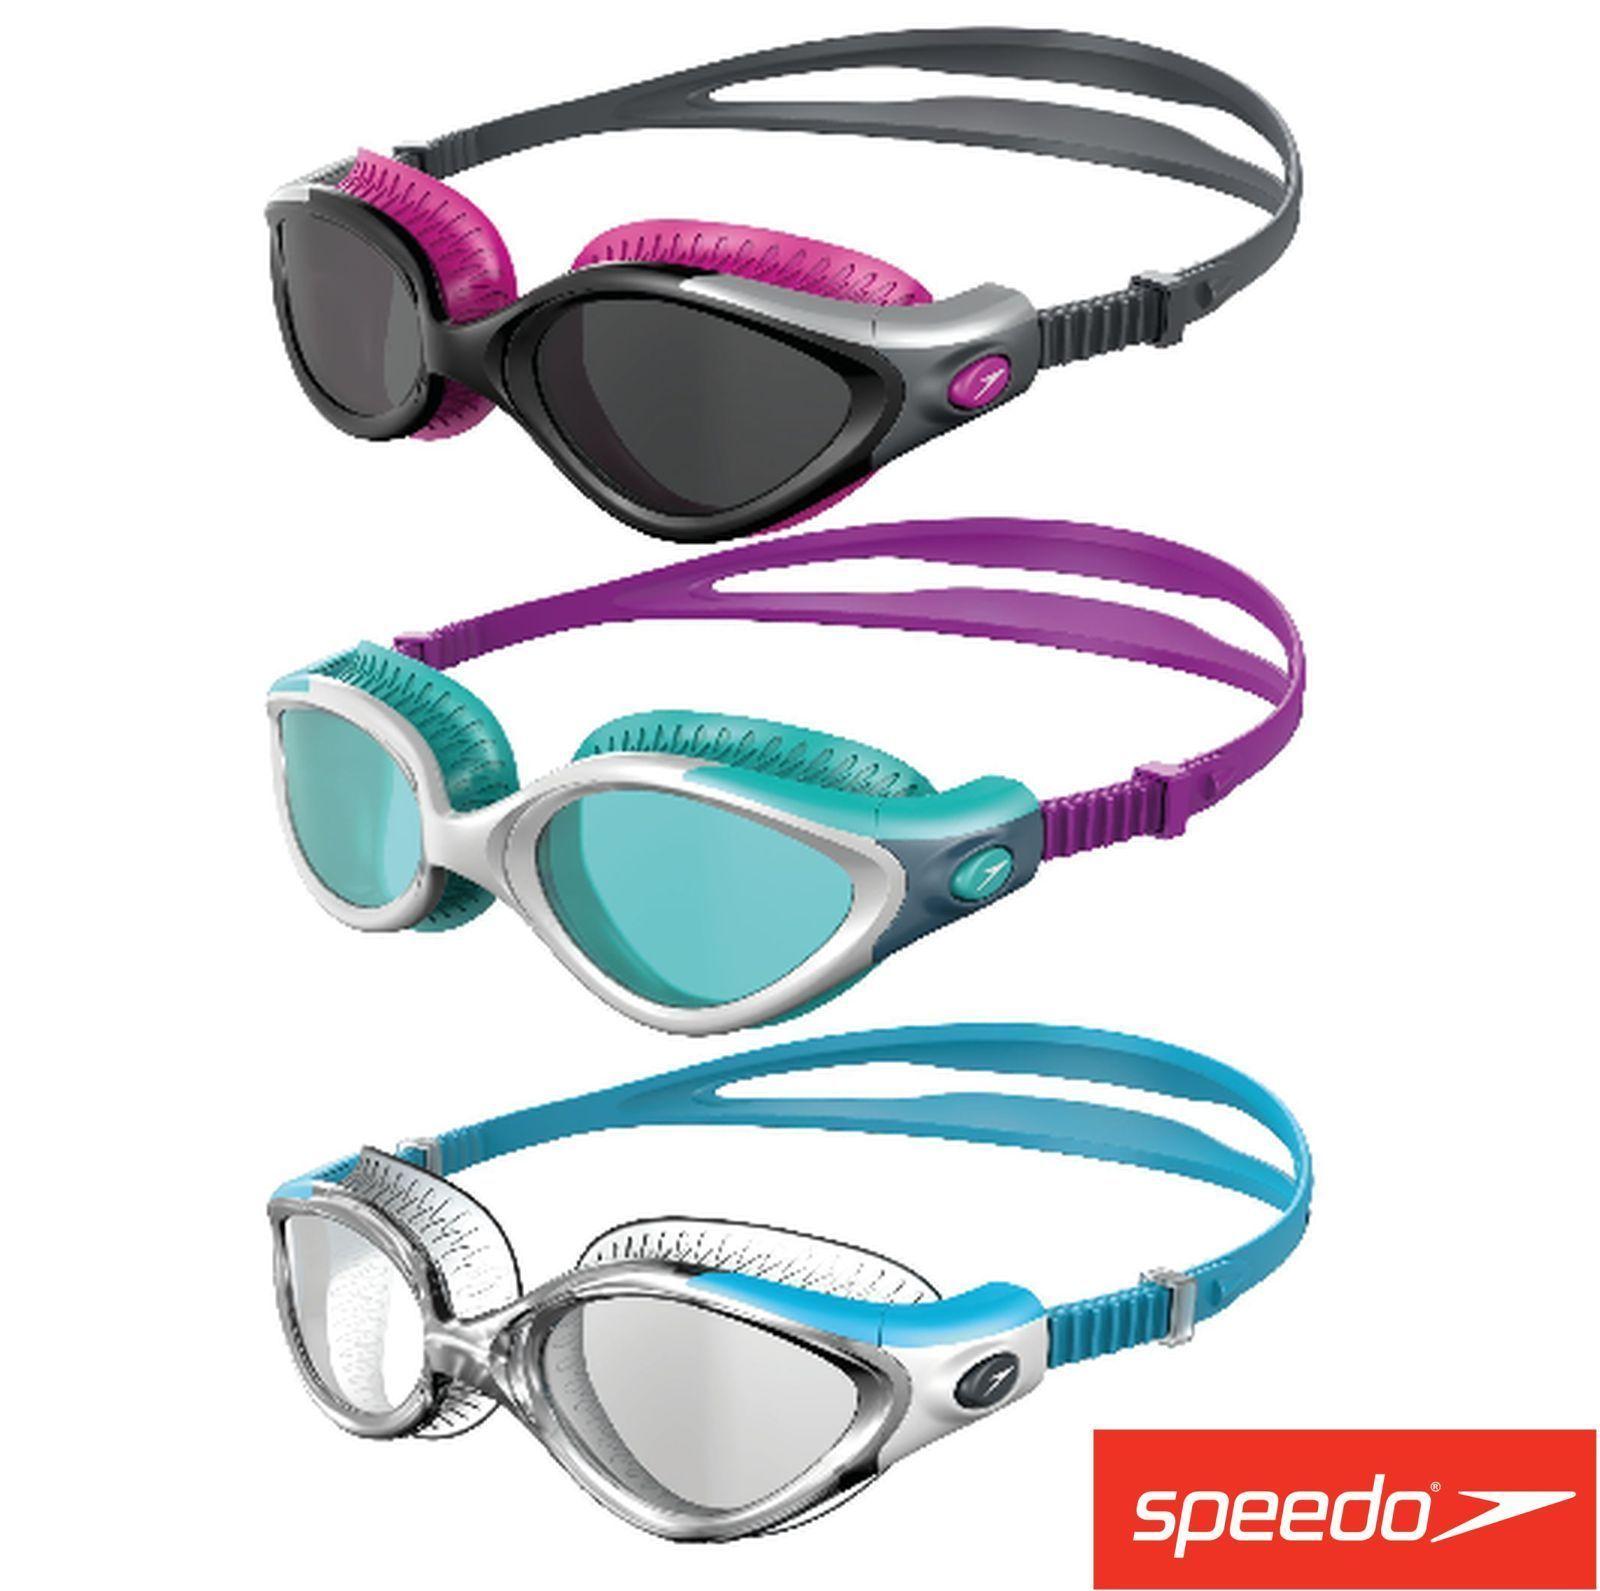 Speedo Ladies Futura Biofuse Flexiseal Female Swimming Goggles Antifog Women Uk